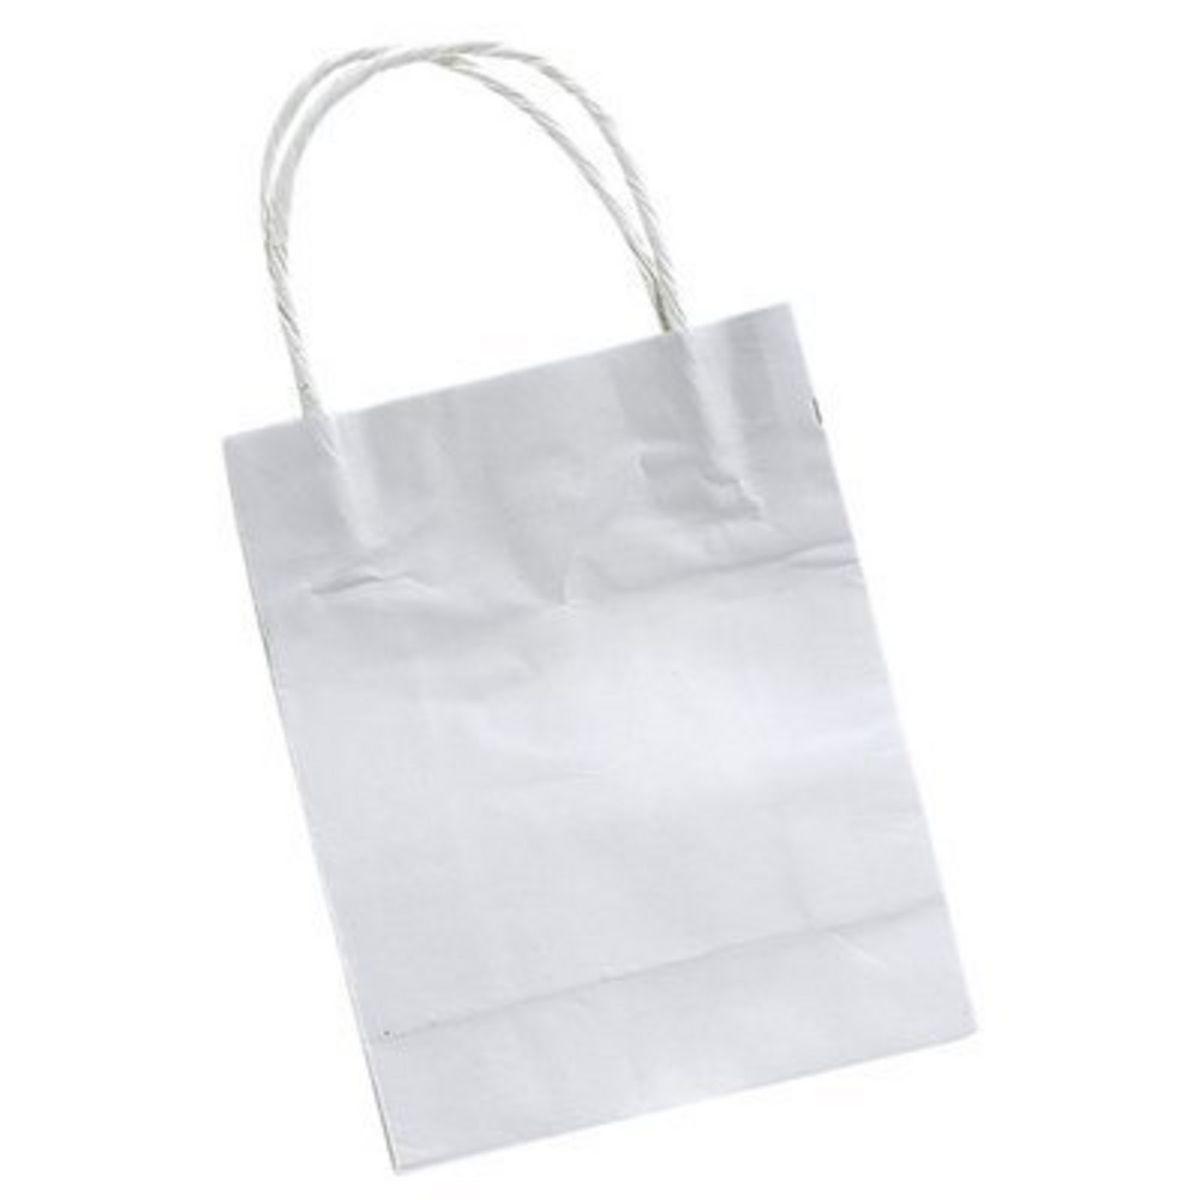 FOLIA Sacs en papier, petit format 12 cm